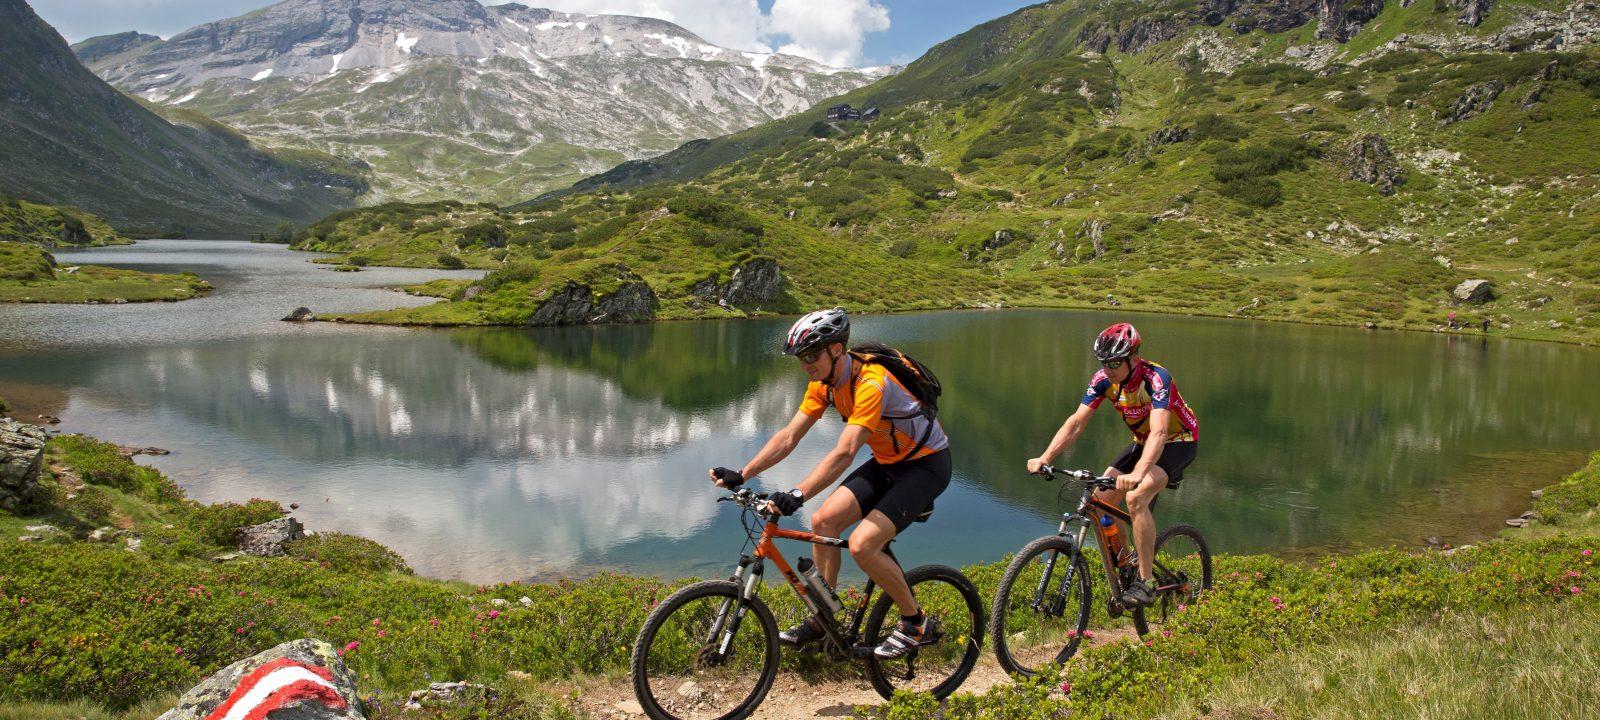 C5 A9921 Bike Giglachsee Kopie